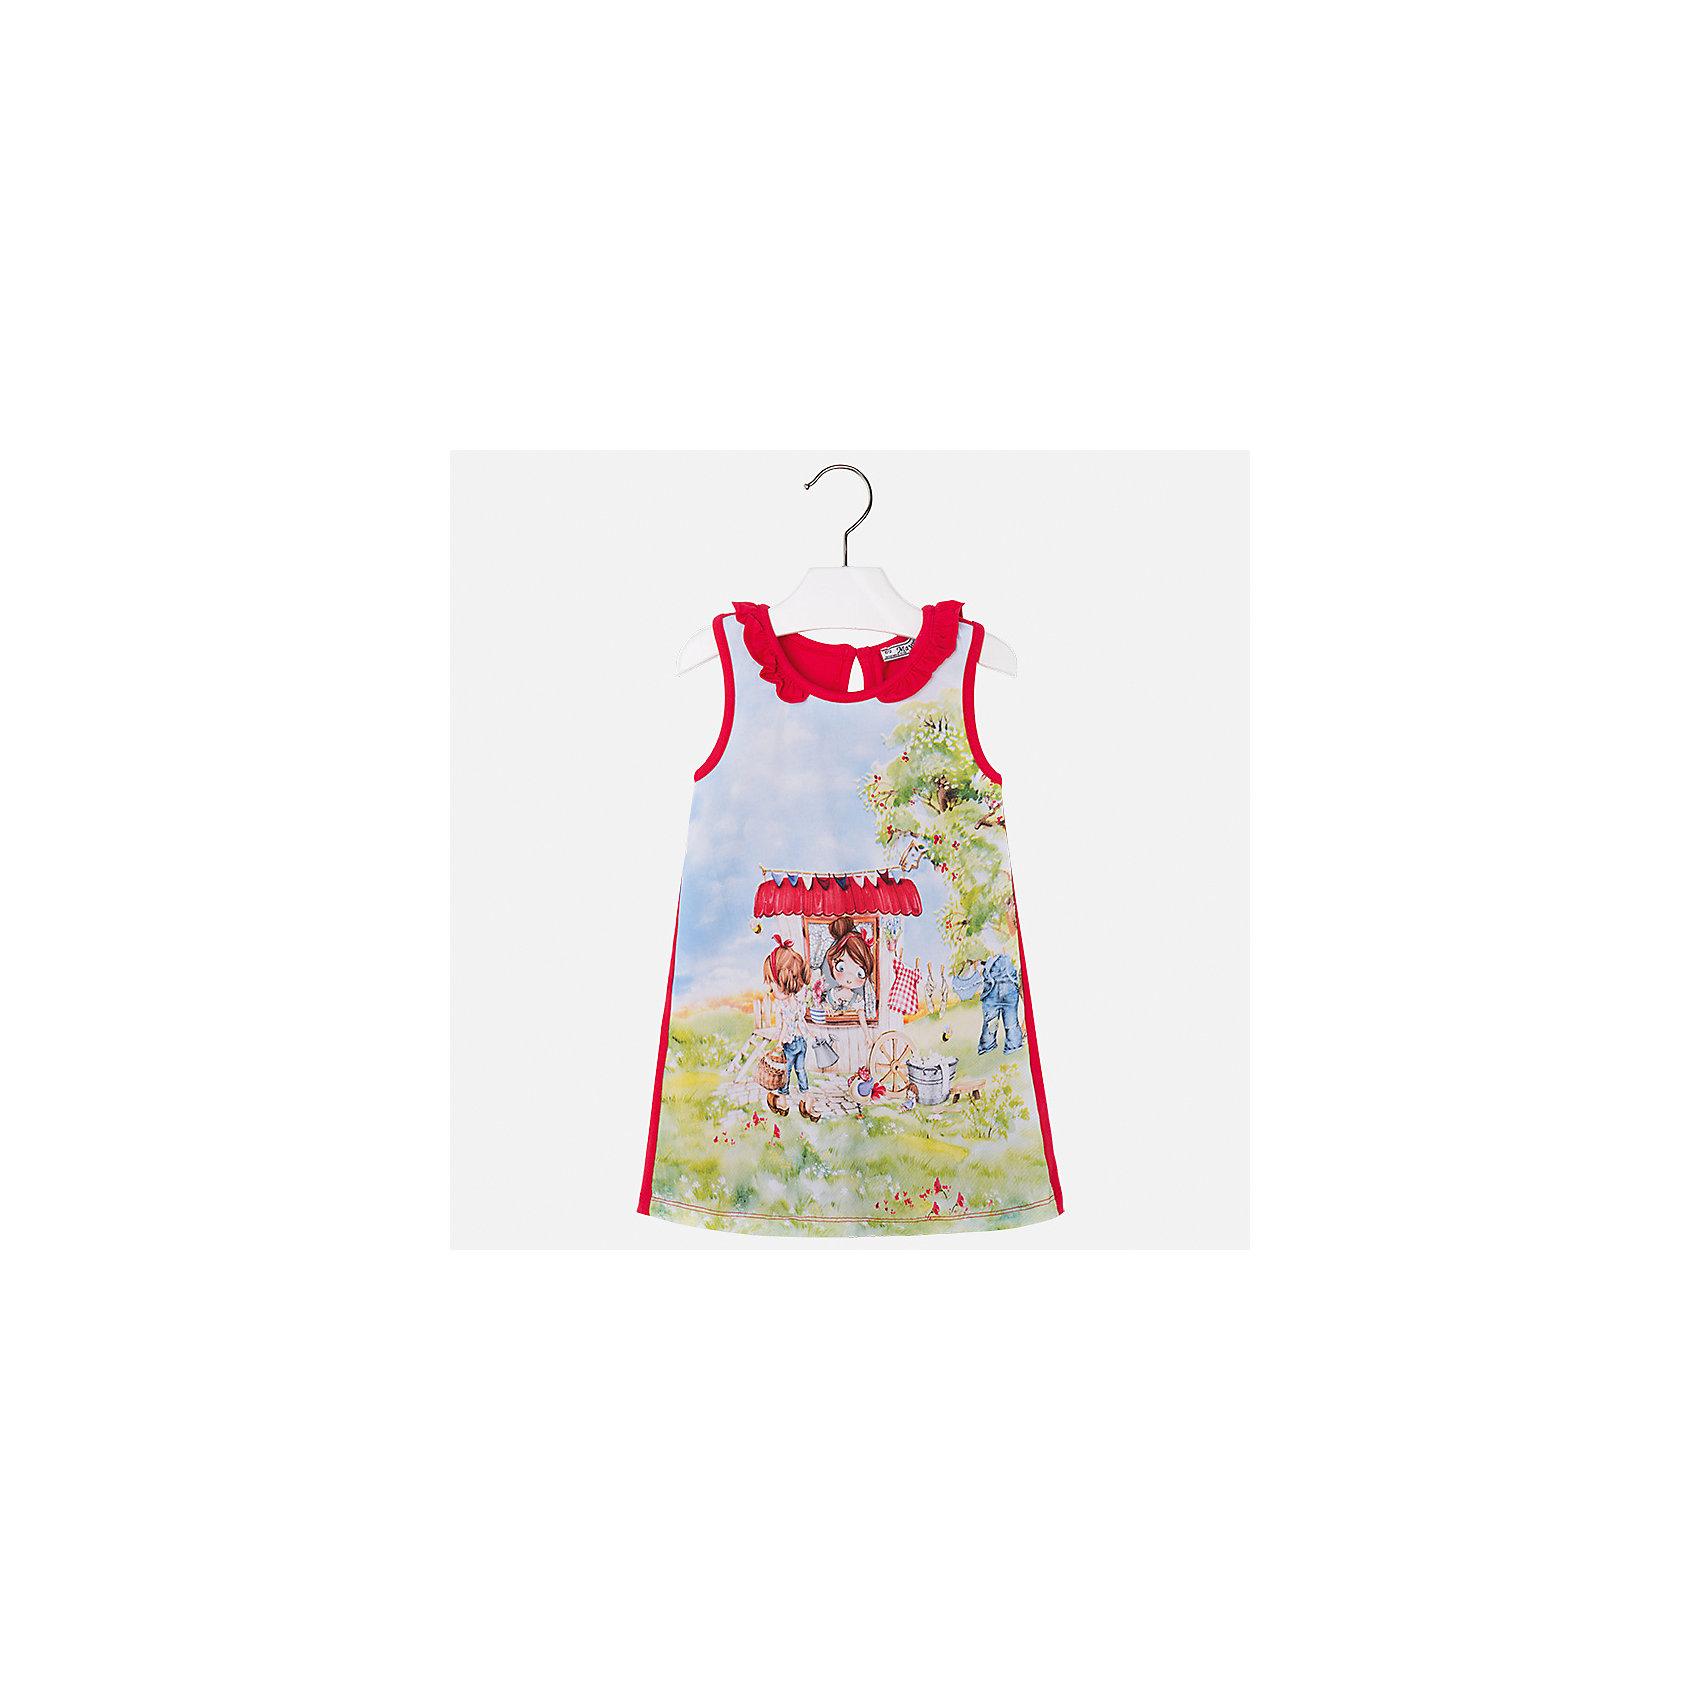 Платье для девочки MayoralПлатья и сарафаны<br>Характеристики товара:<br><br>• цвет: мультиколор/красный<br>• состав: 95% хлопок, 5% эластан<br>• застежка: пуговица<br>• комбинированный материал<br>• без рукавов<br>• декорировано принтом<br>• страна бренда: Испания<br><br>Стильное платье для девочки поможет разнообразить гардероб ребенка и создать эффектный наряд. Оно подойдет для различных случаев. Красивый оттенок позволяет подобрать к вещи обувь разных расцветок. Платье хорошо сидит по фигуре. В составе материала - натуральный хлопок, гипоаллергенный, приятный на ощупь, дышащий.<br><br>Одежда, обувь и аксессуары от испанского бренда Mayoral полюбились детям и взрослым по всему миру. Модели этой марки - стильные и удобные. Для их производства используются только безопасные, качественные материалы и фурнитура. Порадуйте ребенка модными и красивыми вещами от Mayoral! <br><br>Платье для девочки от испанского бренда Mayoral (Майорал) можно купить в нашем интернет-магазине.<br><br>Ширина мм: 236<br>Глубина мм: 16<br>Высота мм: 184<br>Вес г: 177<br>Цвет: красный<br>Возраст от месяцев: 18<br>Возраст до месяцев: 24<br>Пол: Женский<br>Возраст: Детский<br>Размер: 92,134,128,122,116,110,104,98<br>SKU: 5300654